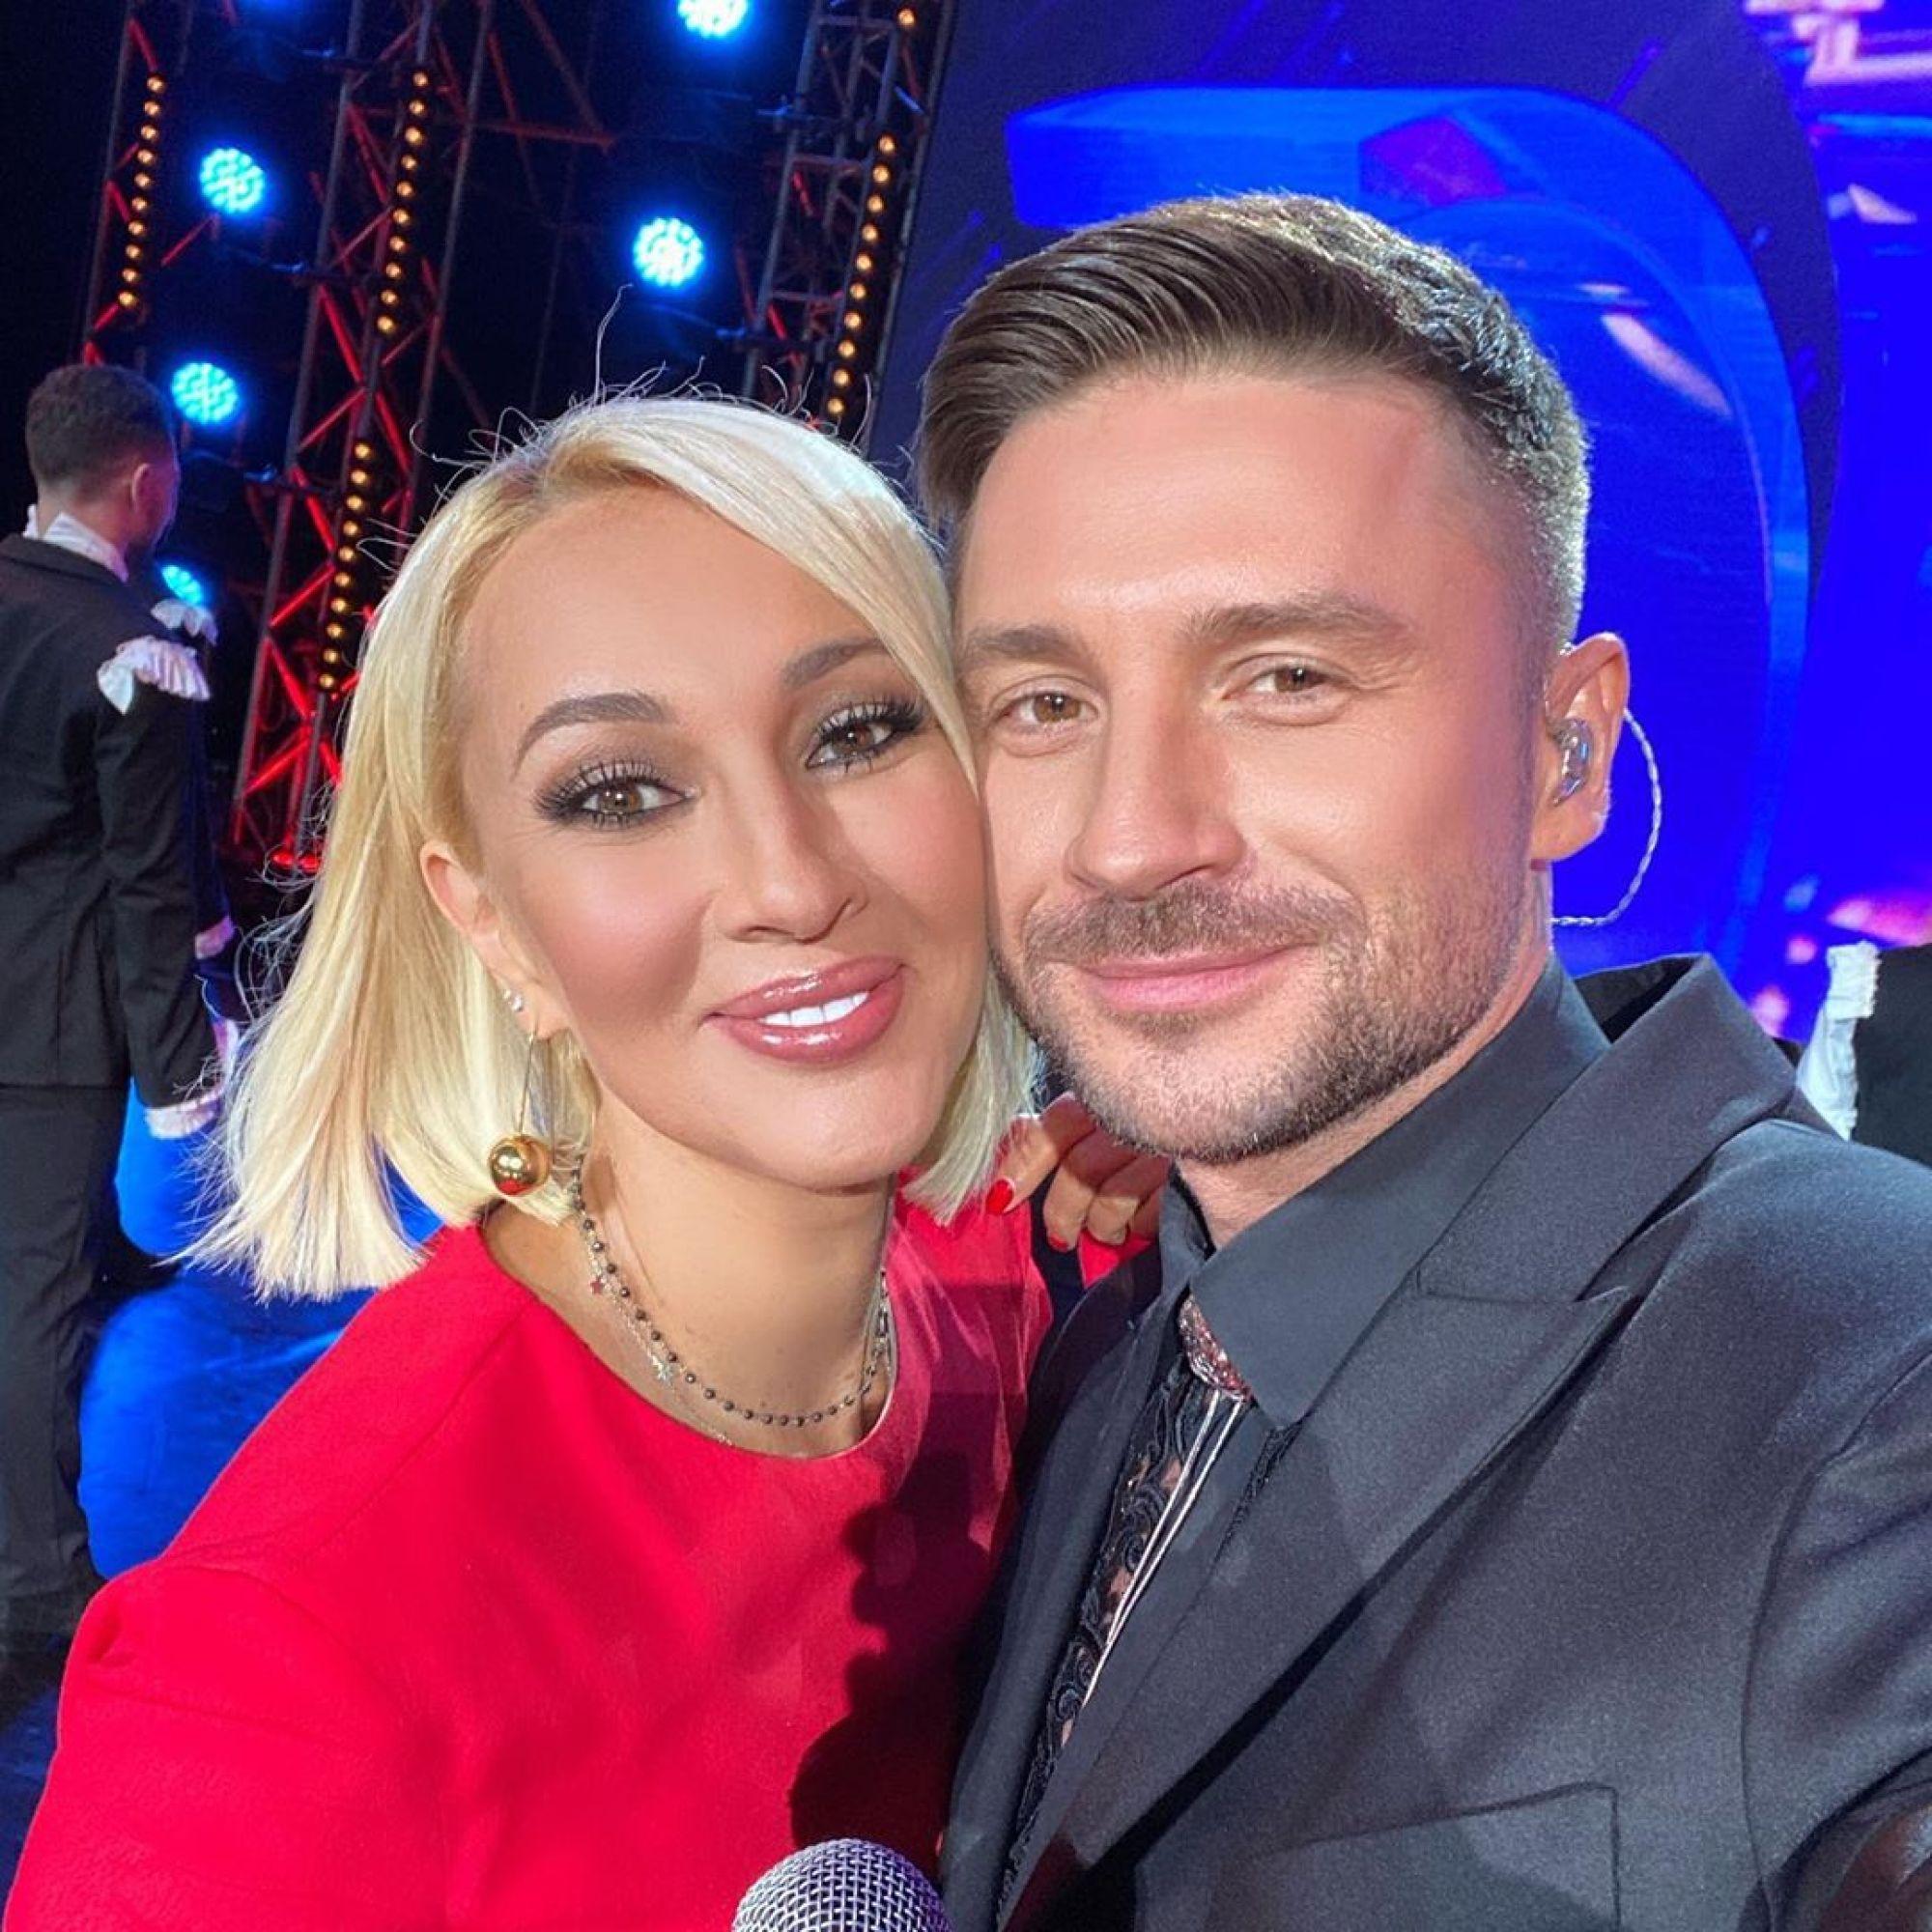 Лера Кудрявцева показала фото с бывшим и назвала его красавчиком – муж отреагировал